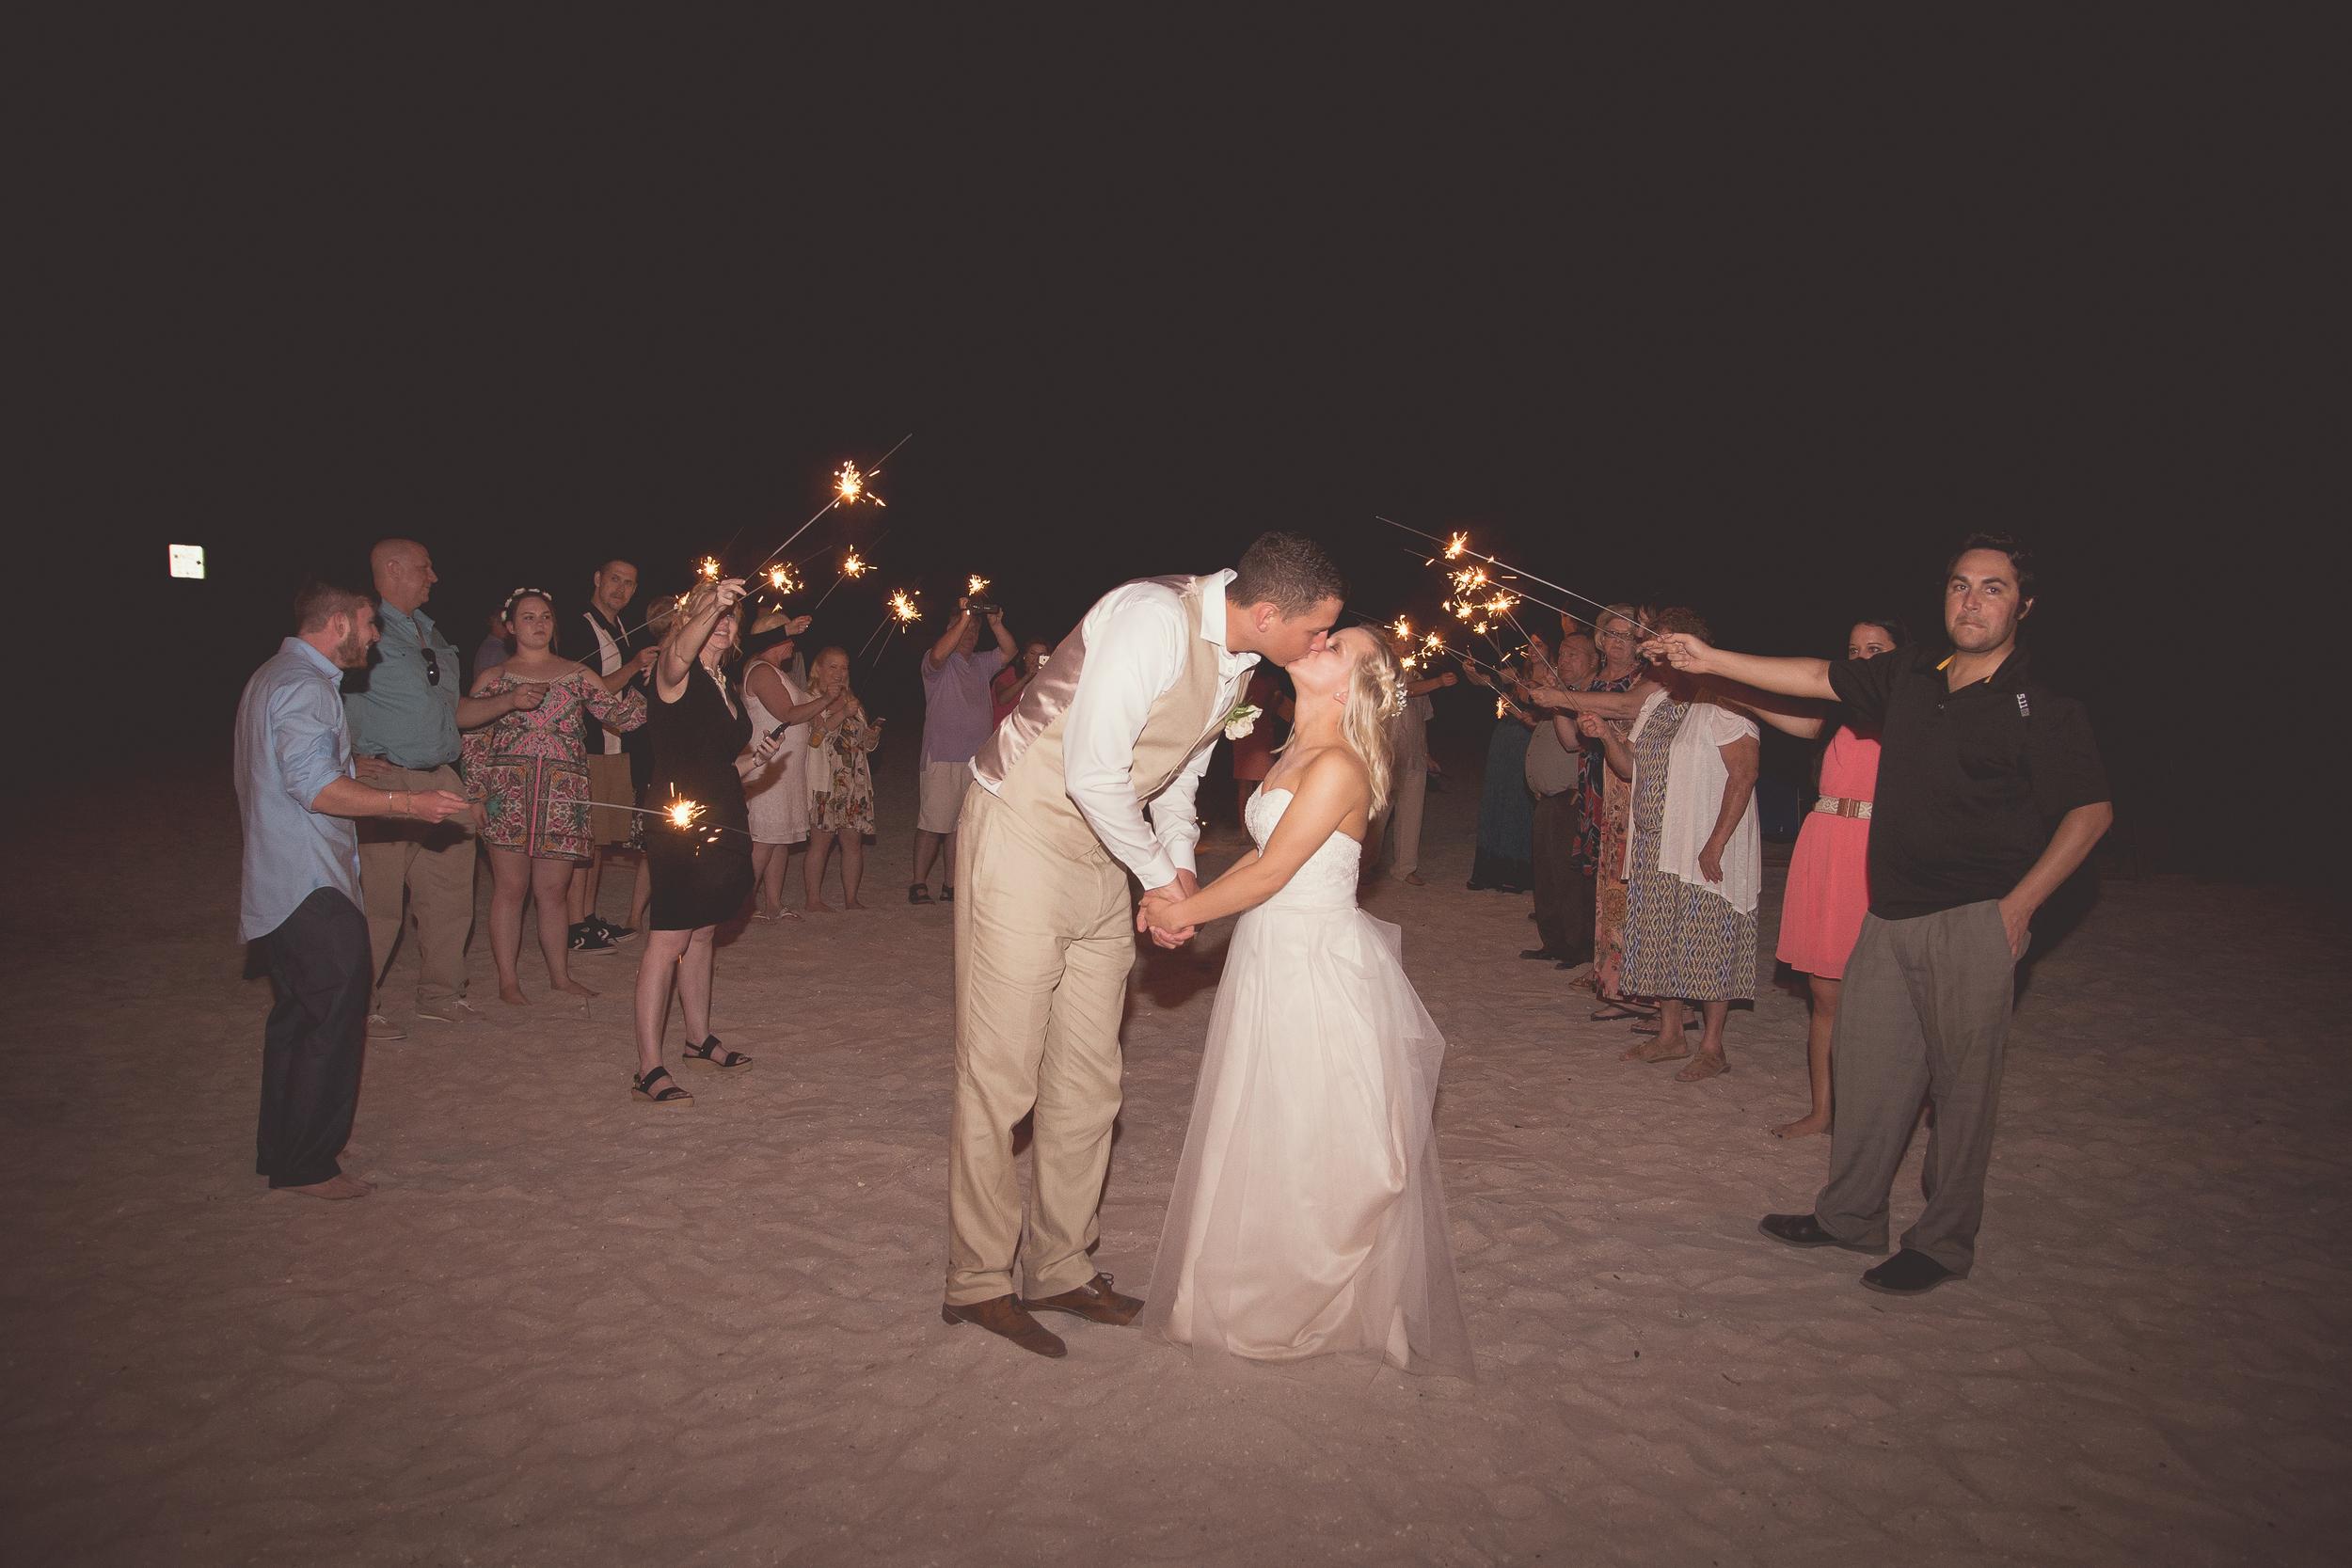 PostCard Inn Beach wedding, St.Pete wedding, St.Pete wedding Photographer